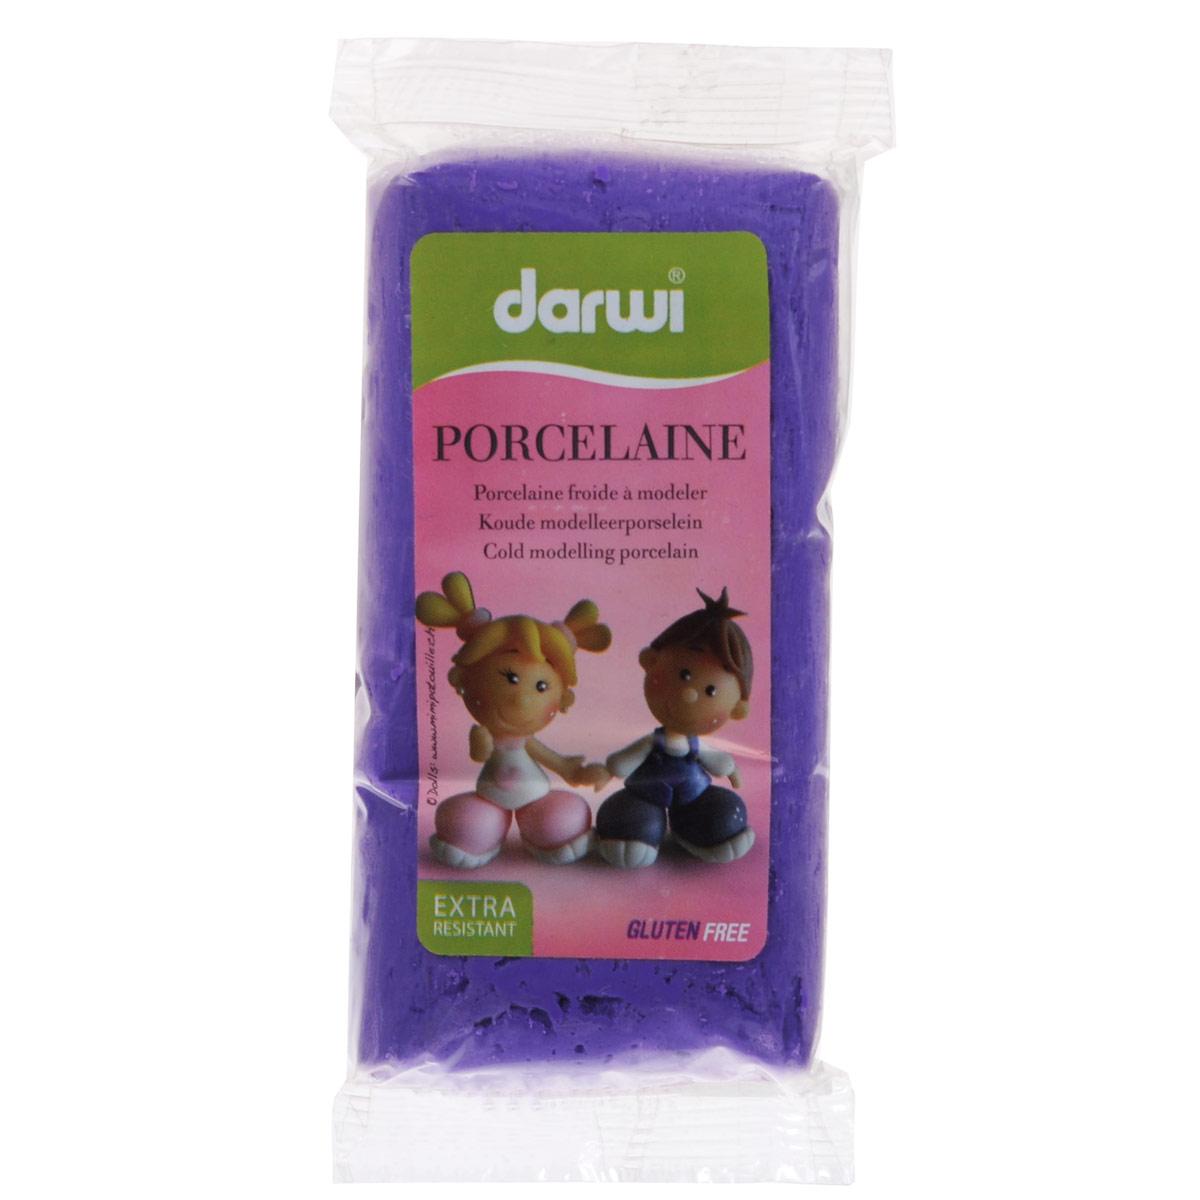 Масса для лепки Darwi Porcelaine, цвет: фиолетовый (900), 150 г357002_900Масса Darwi Porcelaine - это самозатвердевающая полимерная глина, предназначенная для лепки. Уже готова к использованию. После полного высыхания (от нескольких часов до нескольких дней в зависимости от размера работы) масса становится очень твердой и дает небольшую усадку. Влагоустойчива при высыхании. После отверждения можно покрывать лаком, красками. Не рекомендуется давать детям до 3-х лет. Транспортировка и хранение массы возможно при температуре 5-25°С.